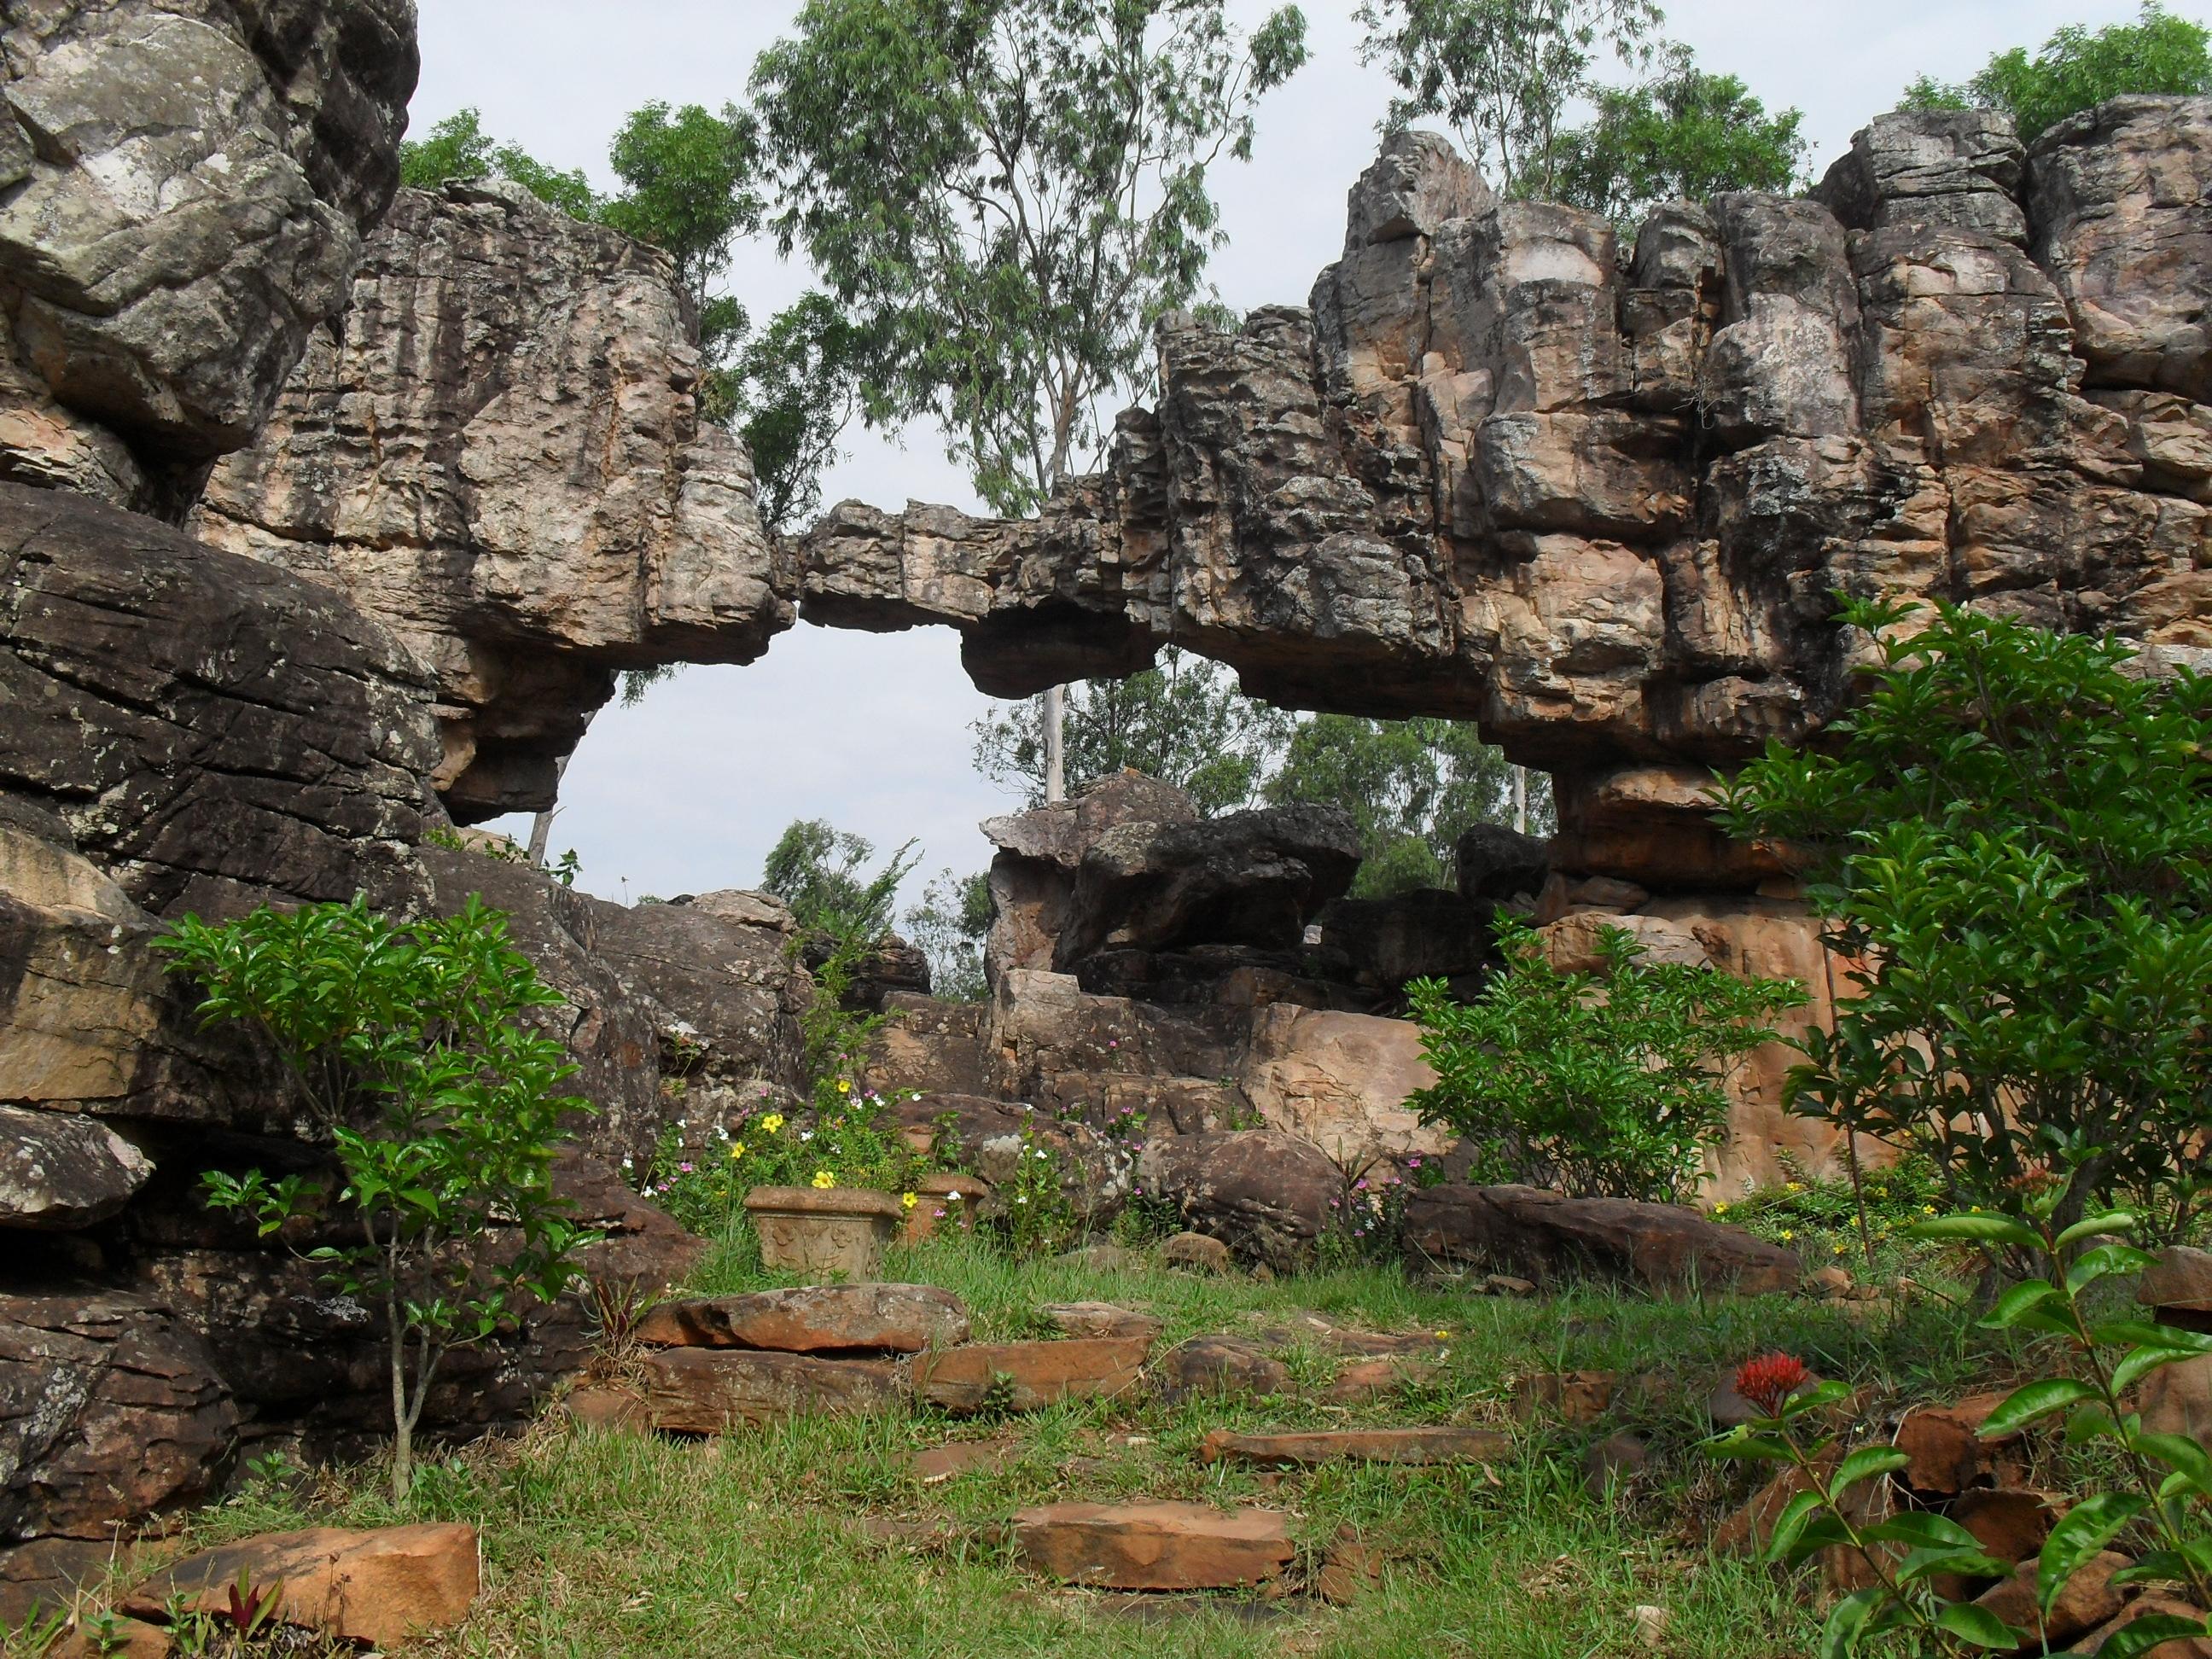 Natural Bridge Zoological Park